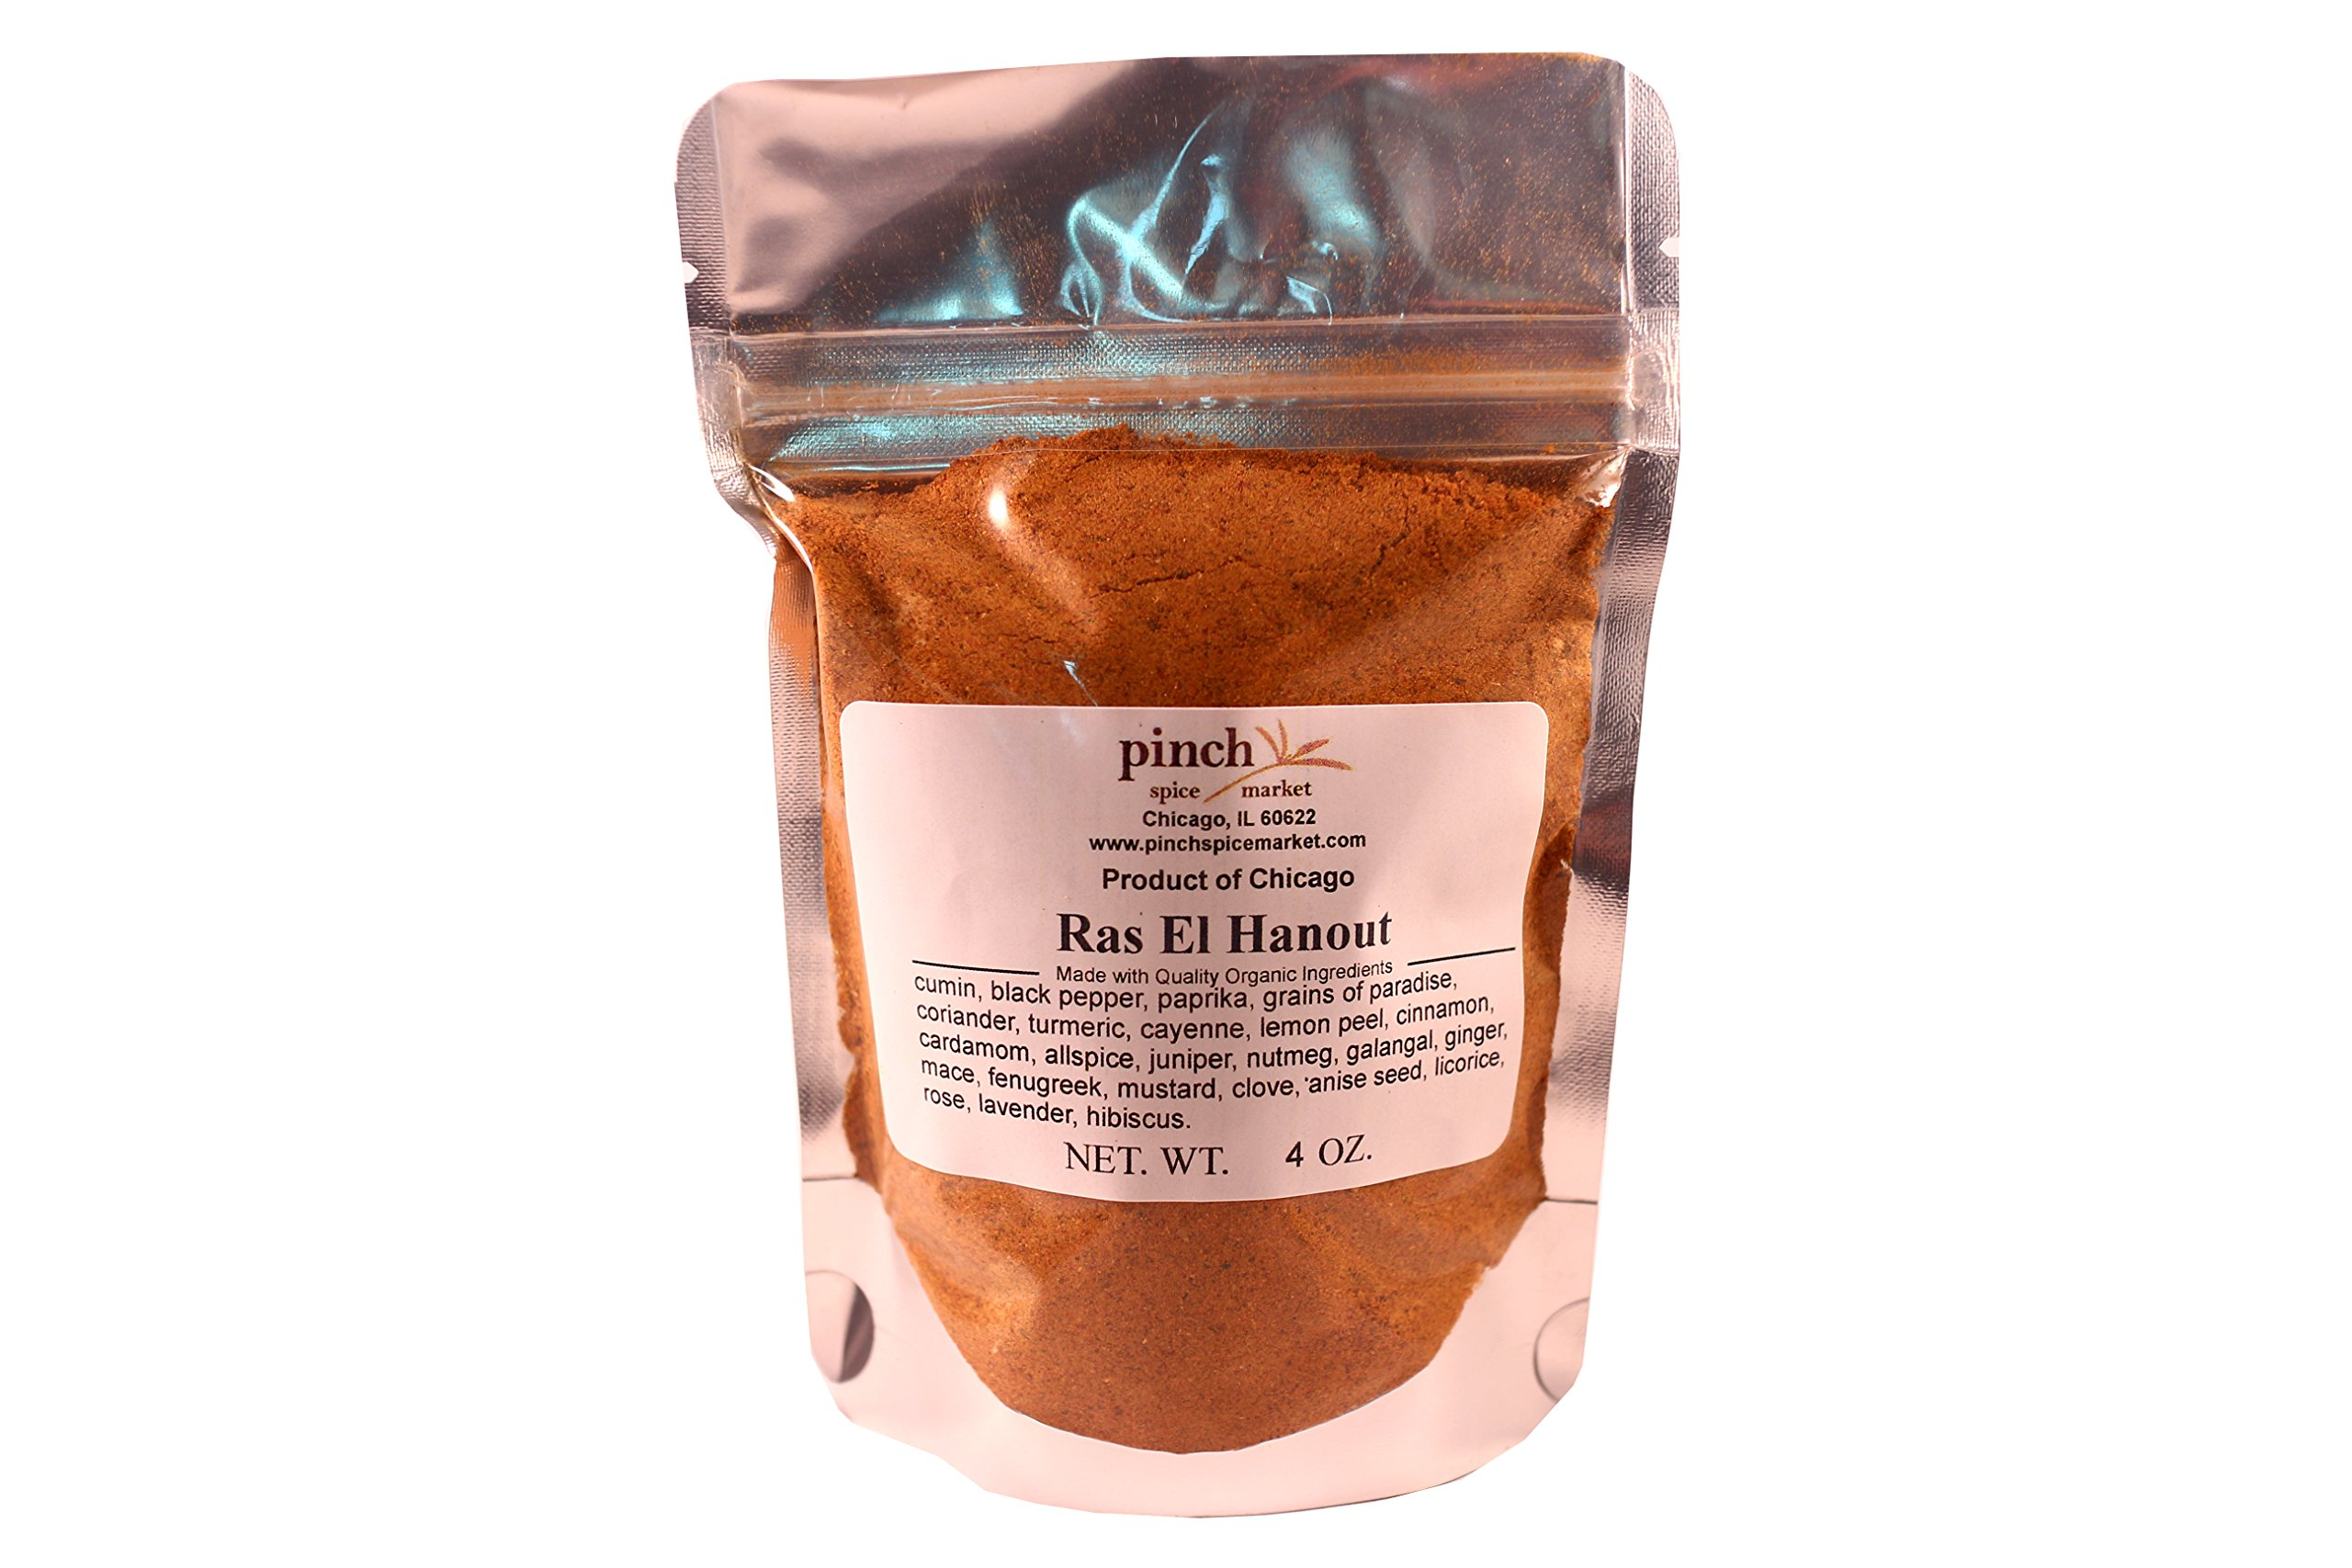 Whole Foods Ras El Hanout Ingredients